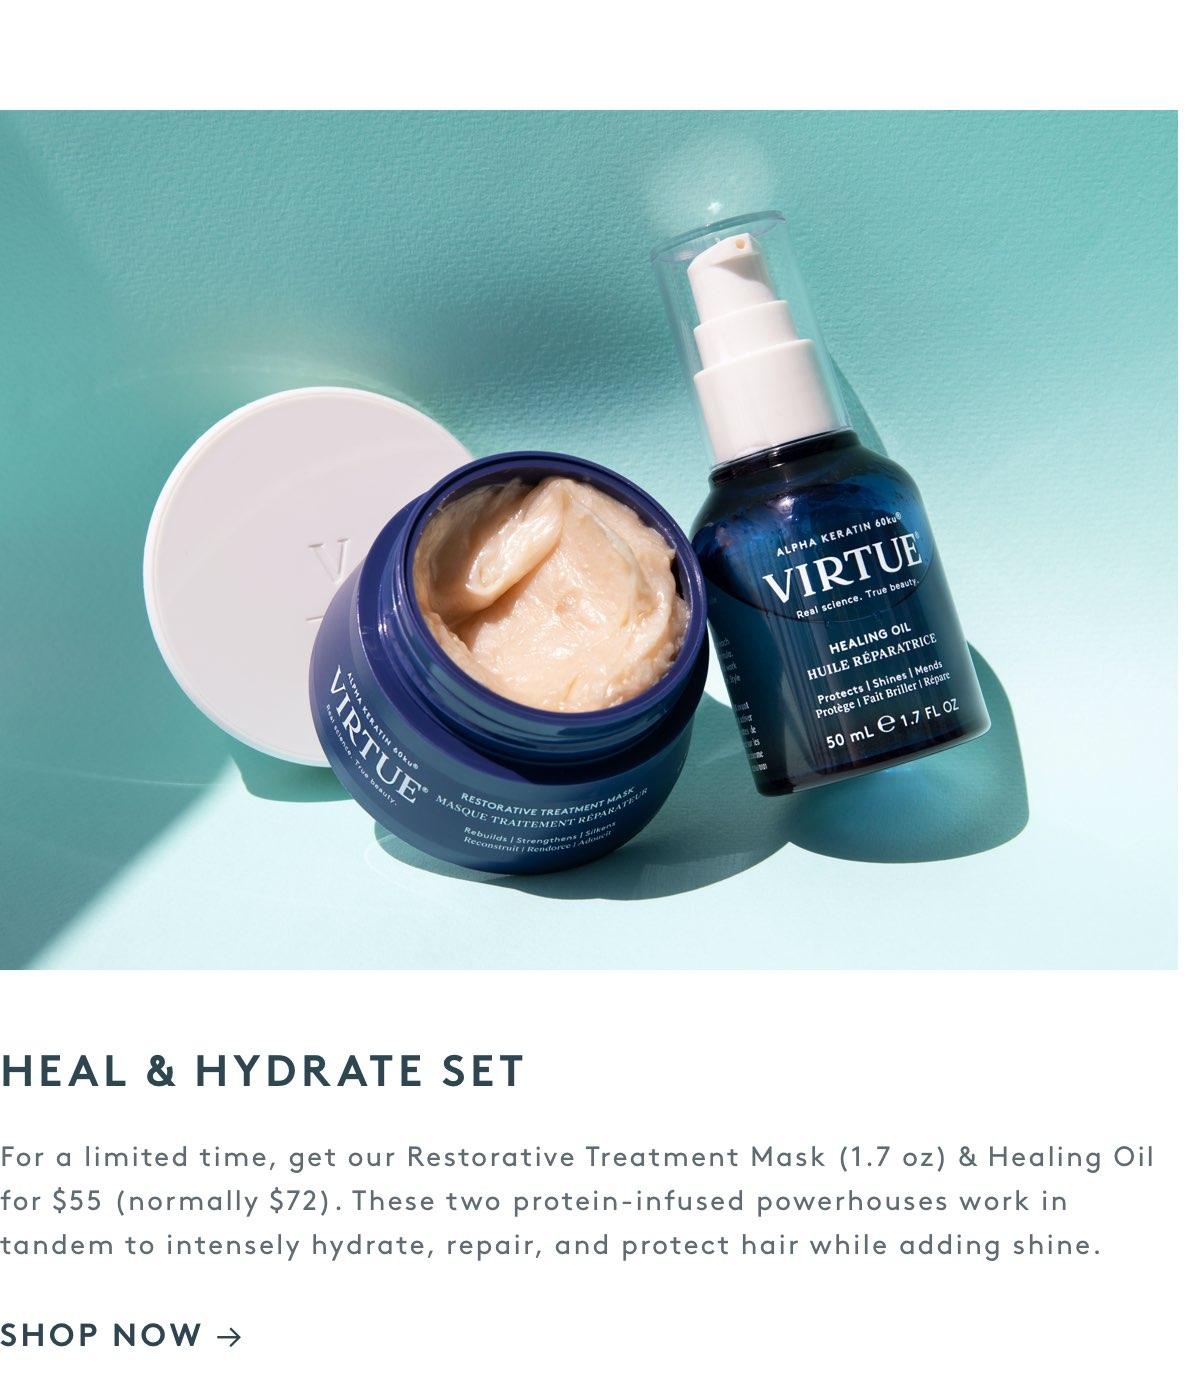 Heal & Hydrate Set